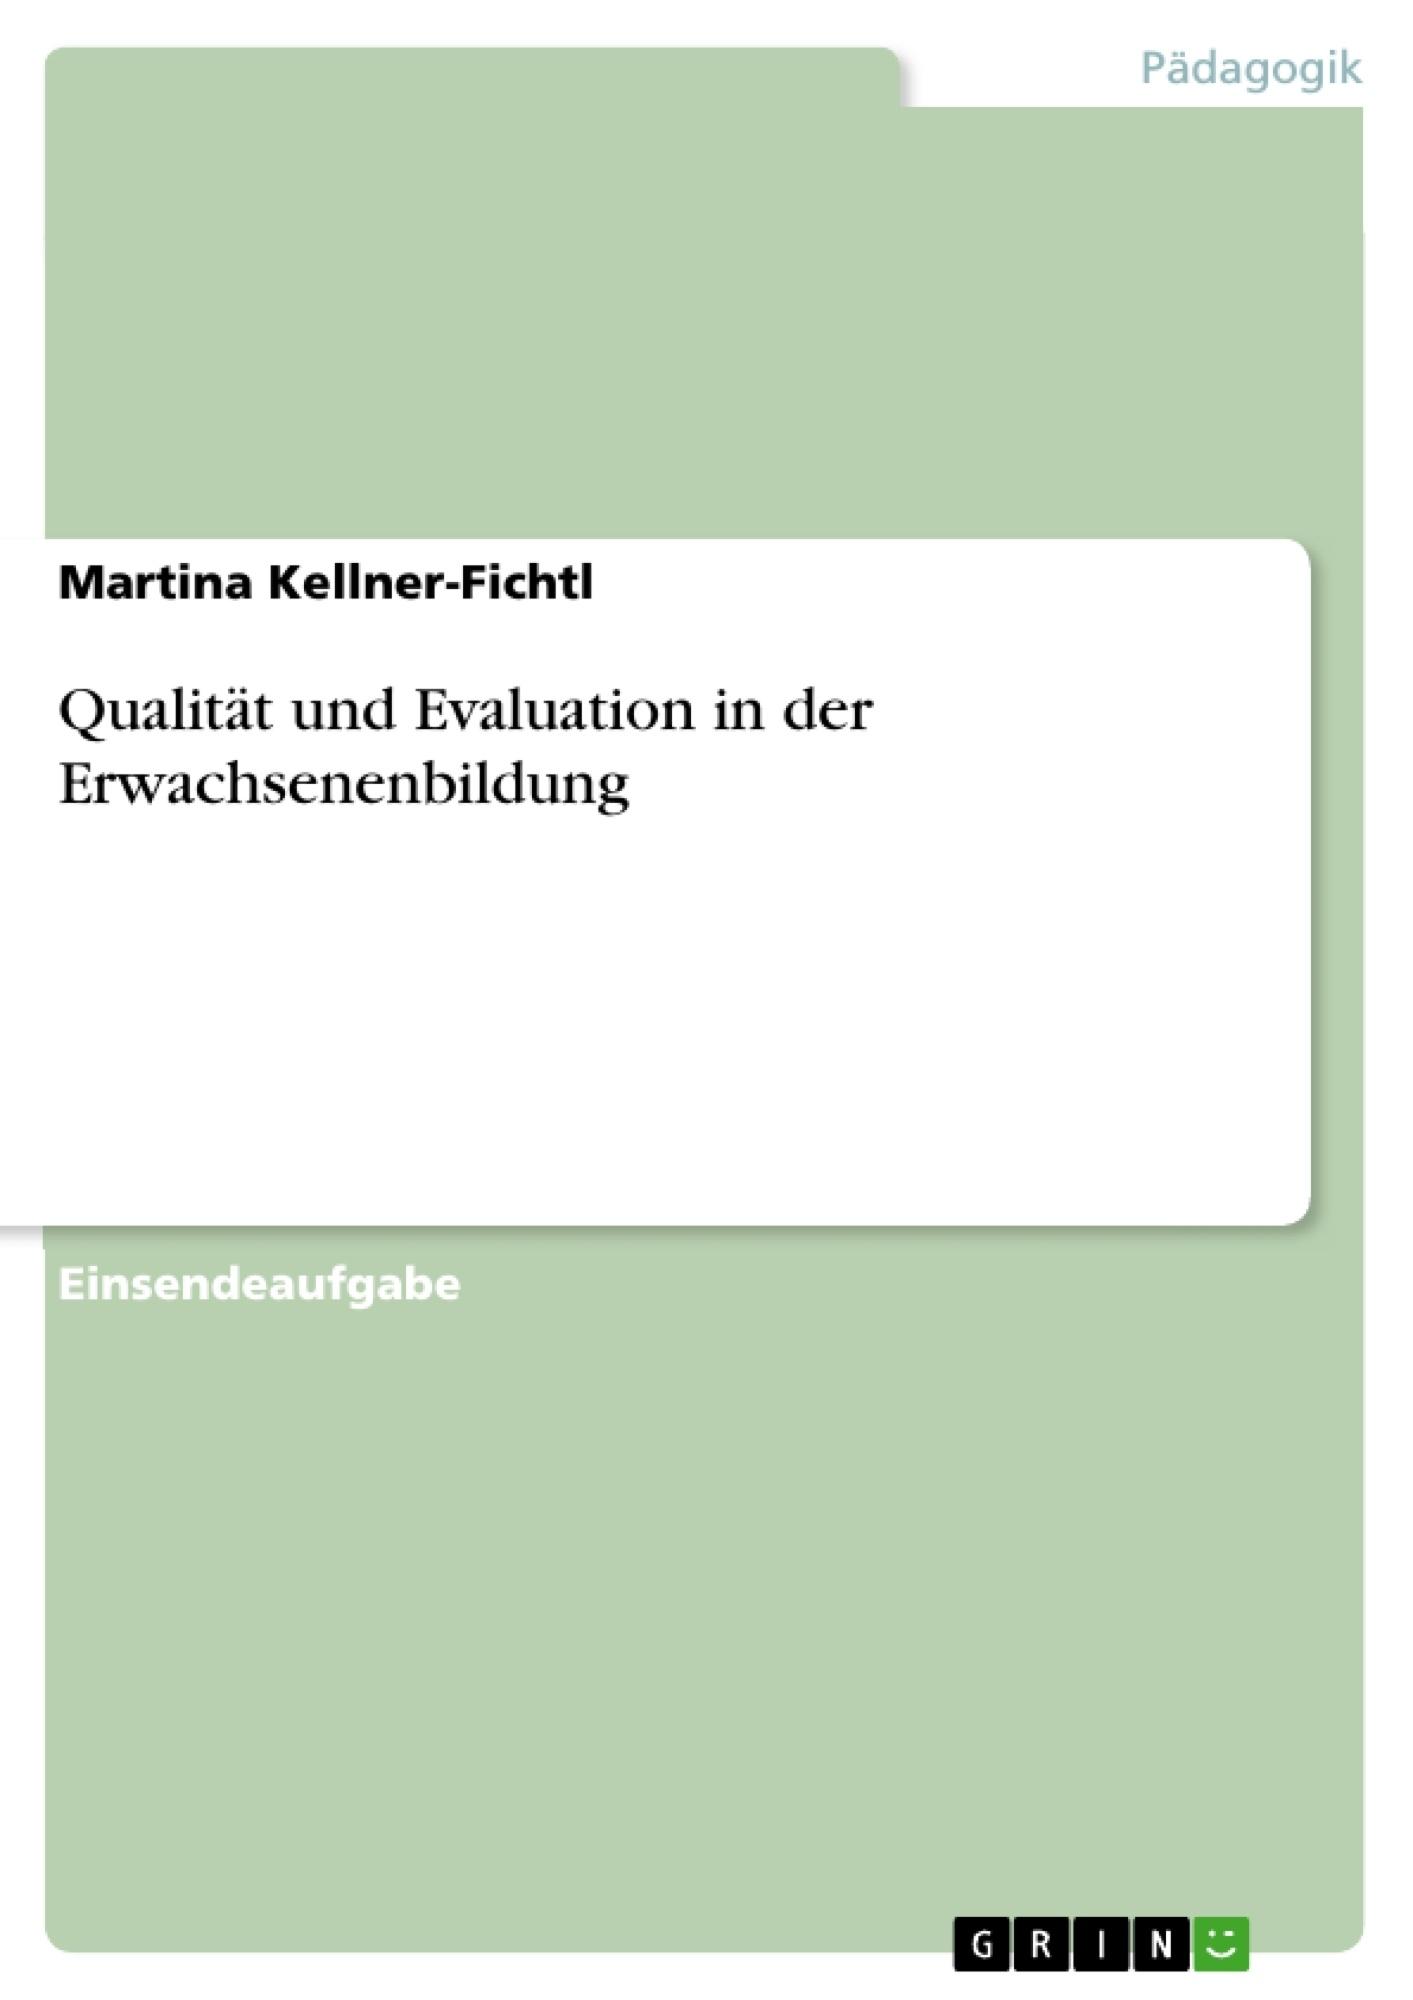 Titel: Qualität und Evaluation in der Erwachsenenbildung